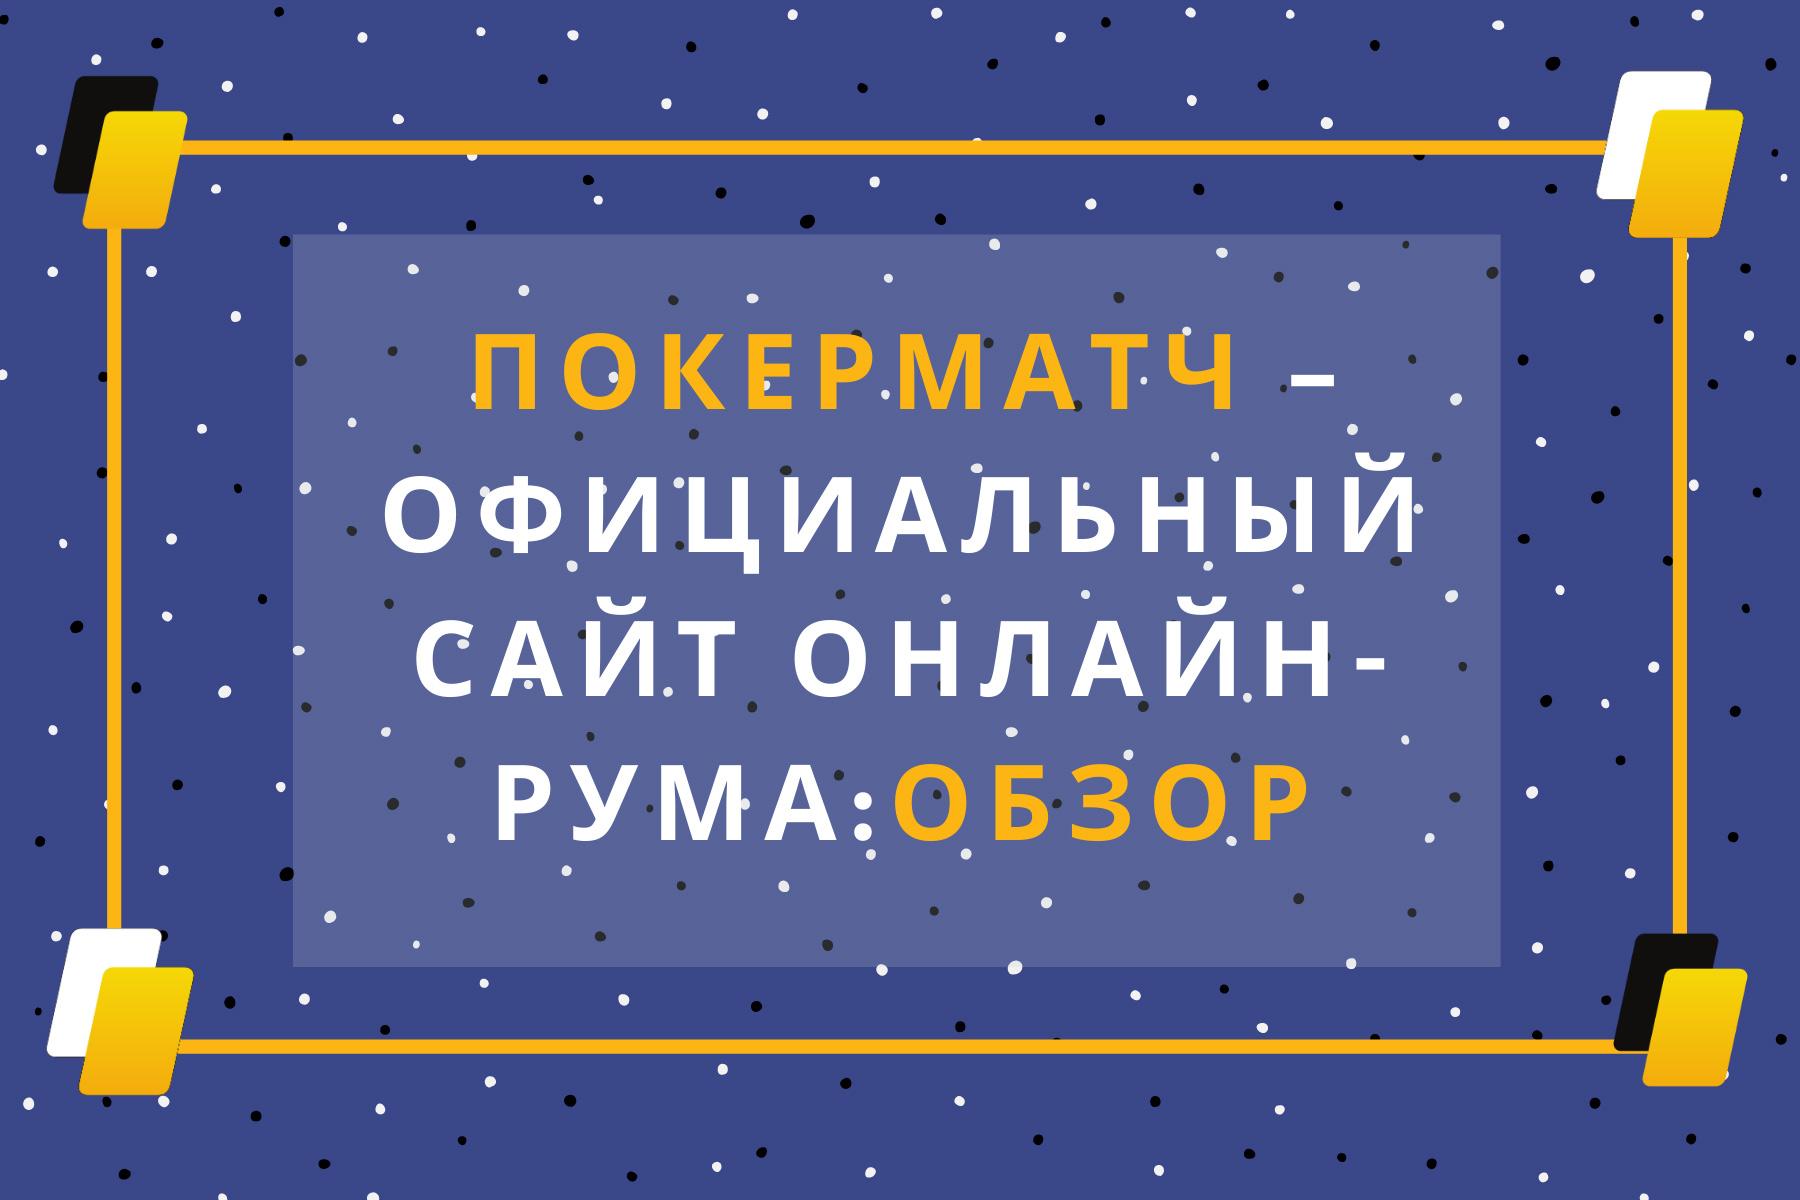 Официальный сайт PokerMatch: обзор рума.